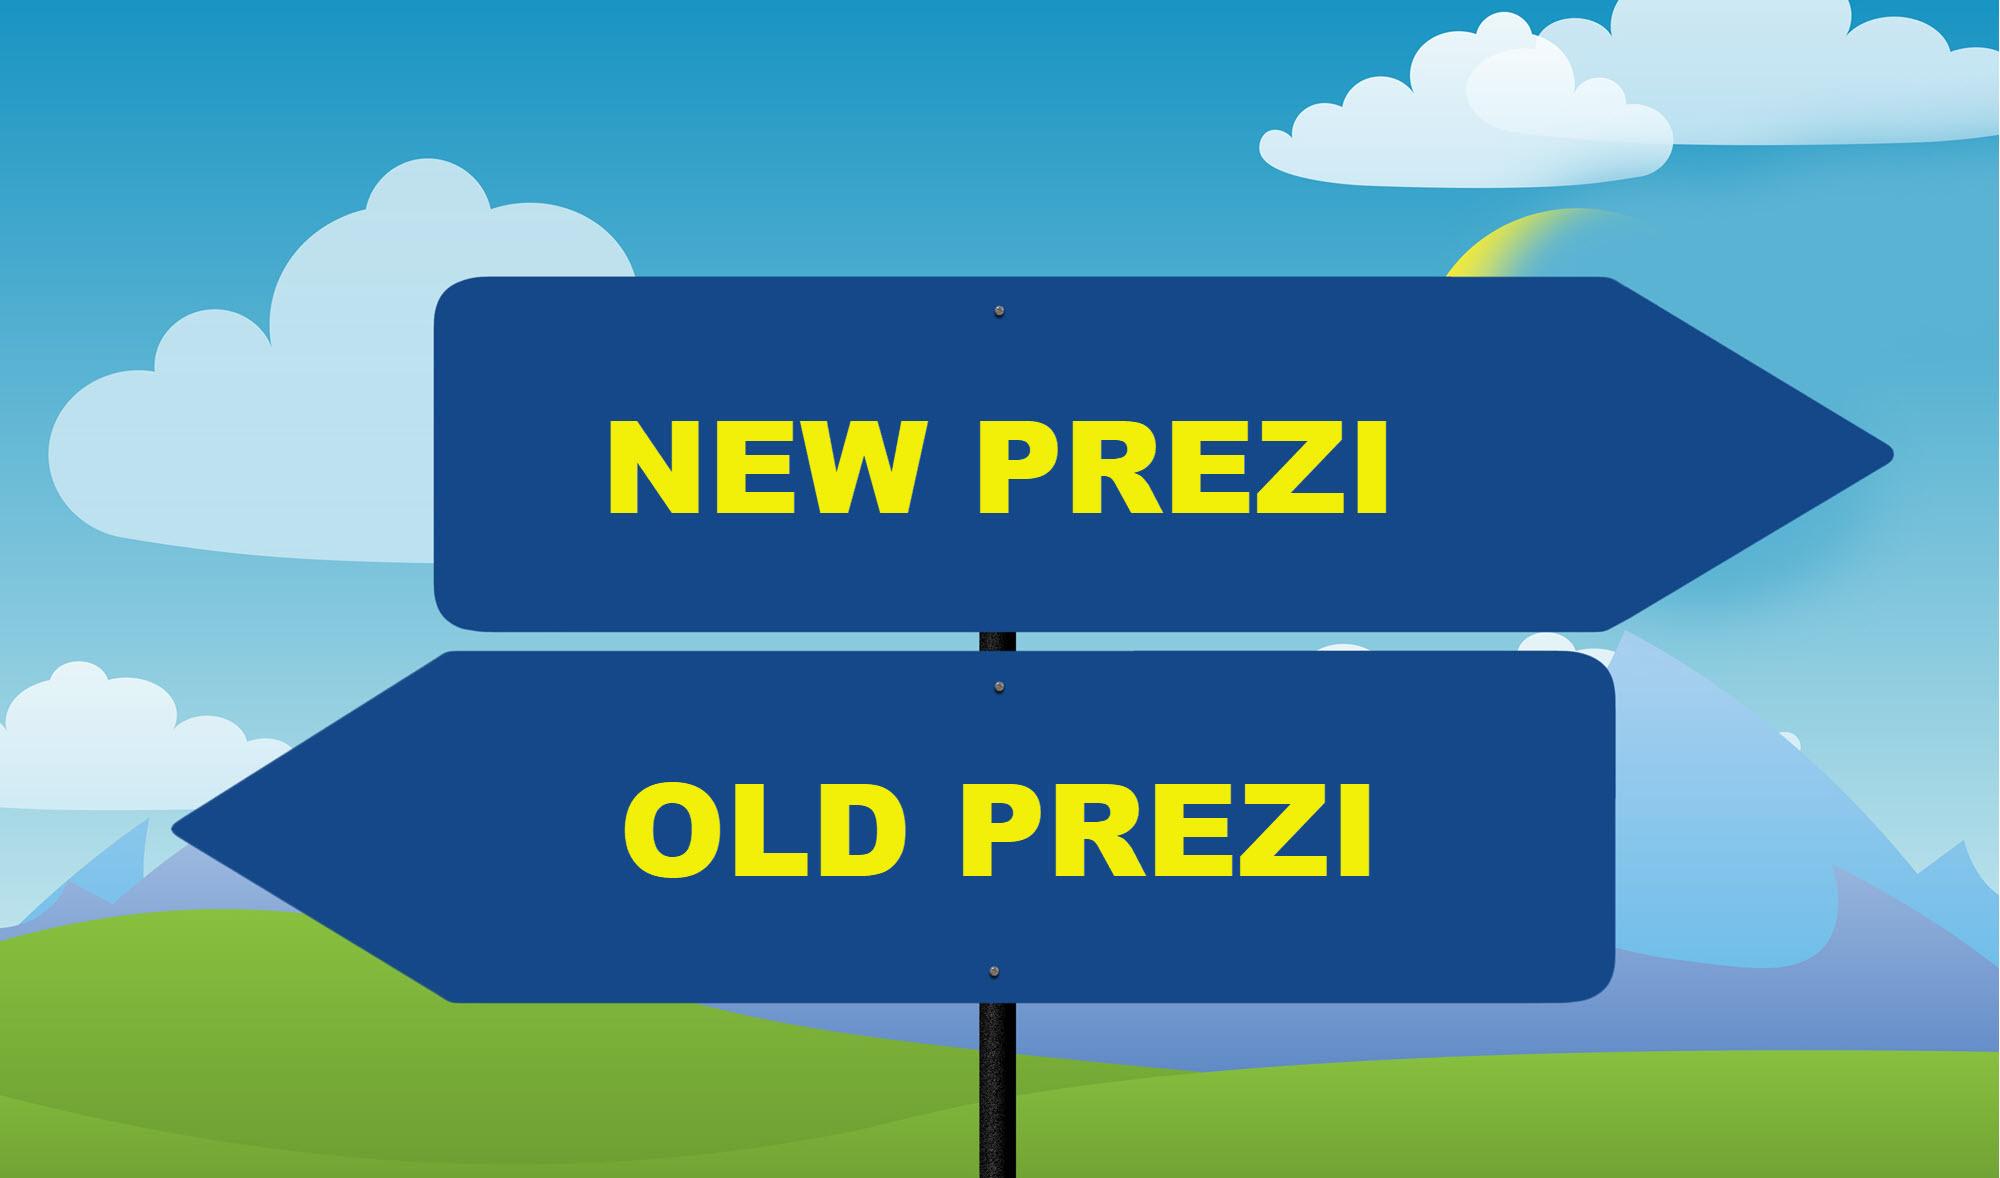 New Prezi or Old Prezi